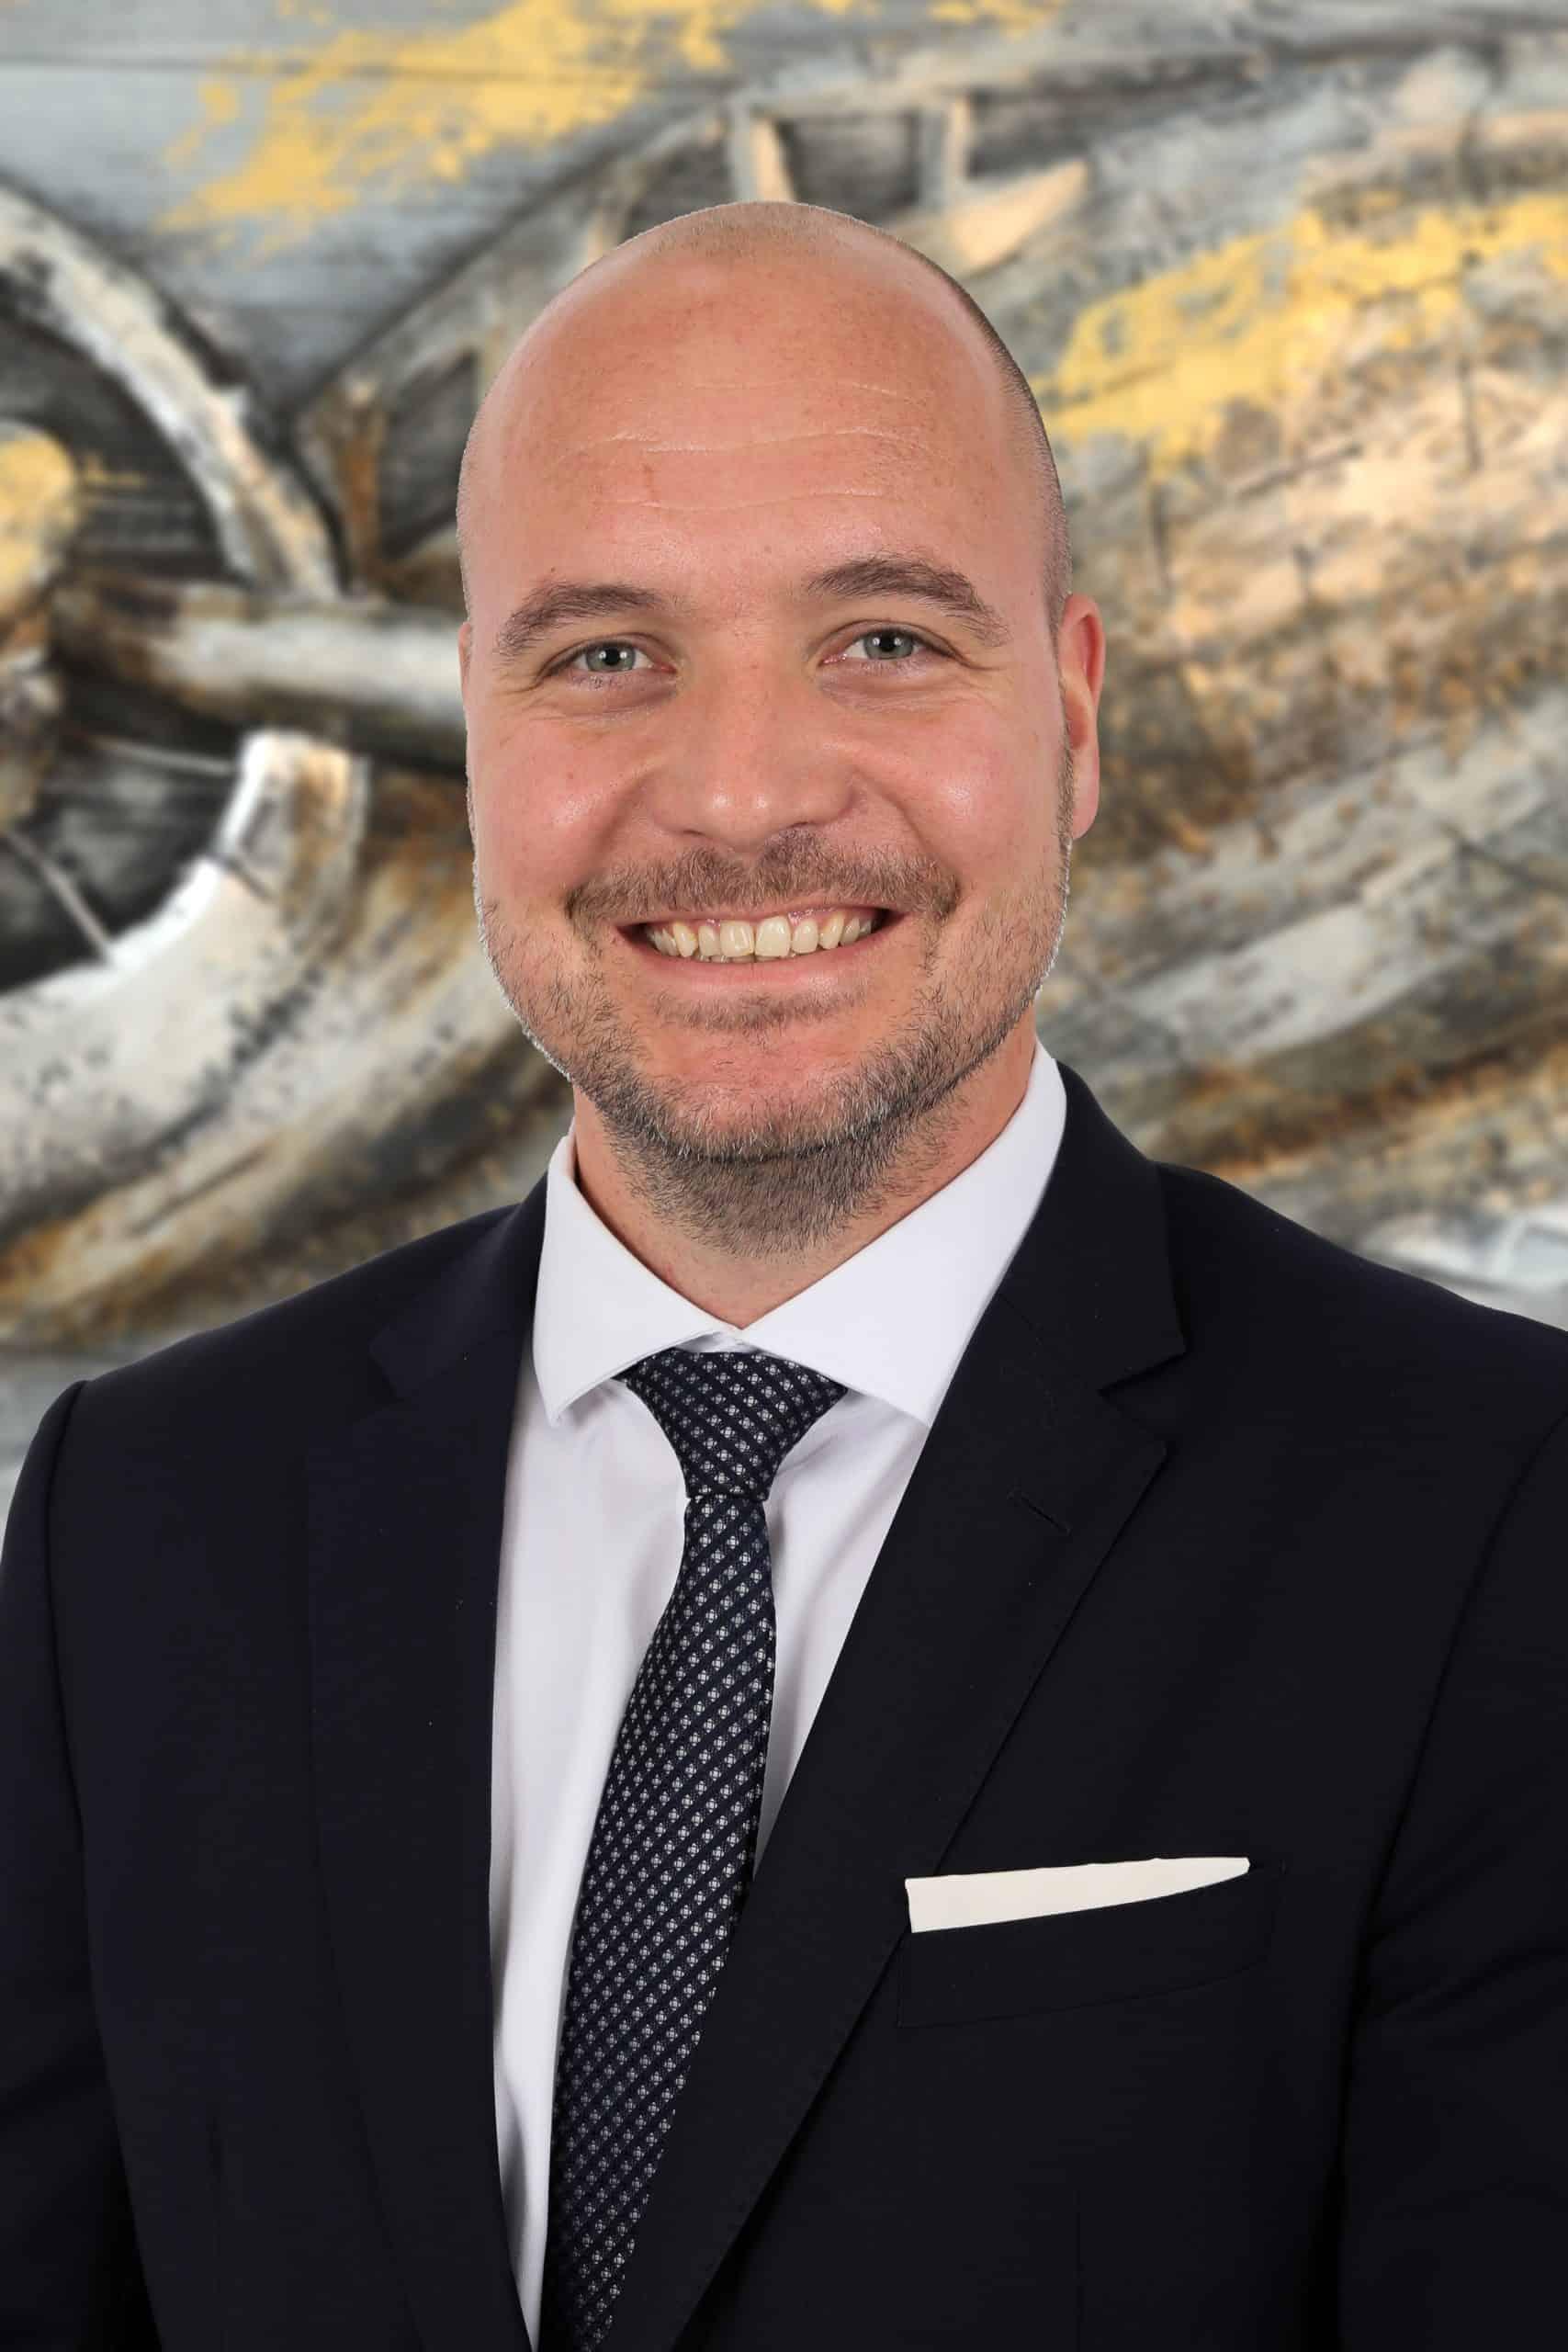 Michael Dierstein